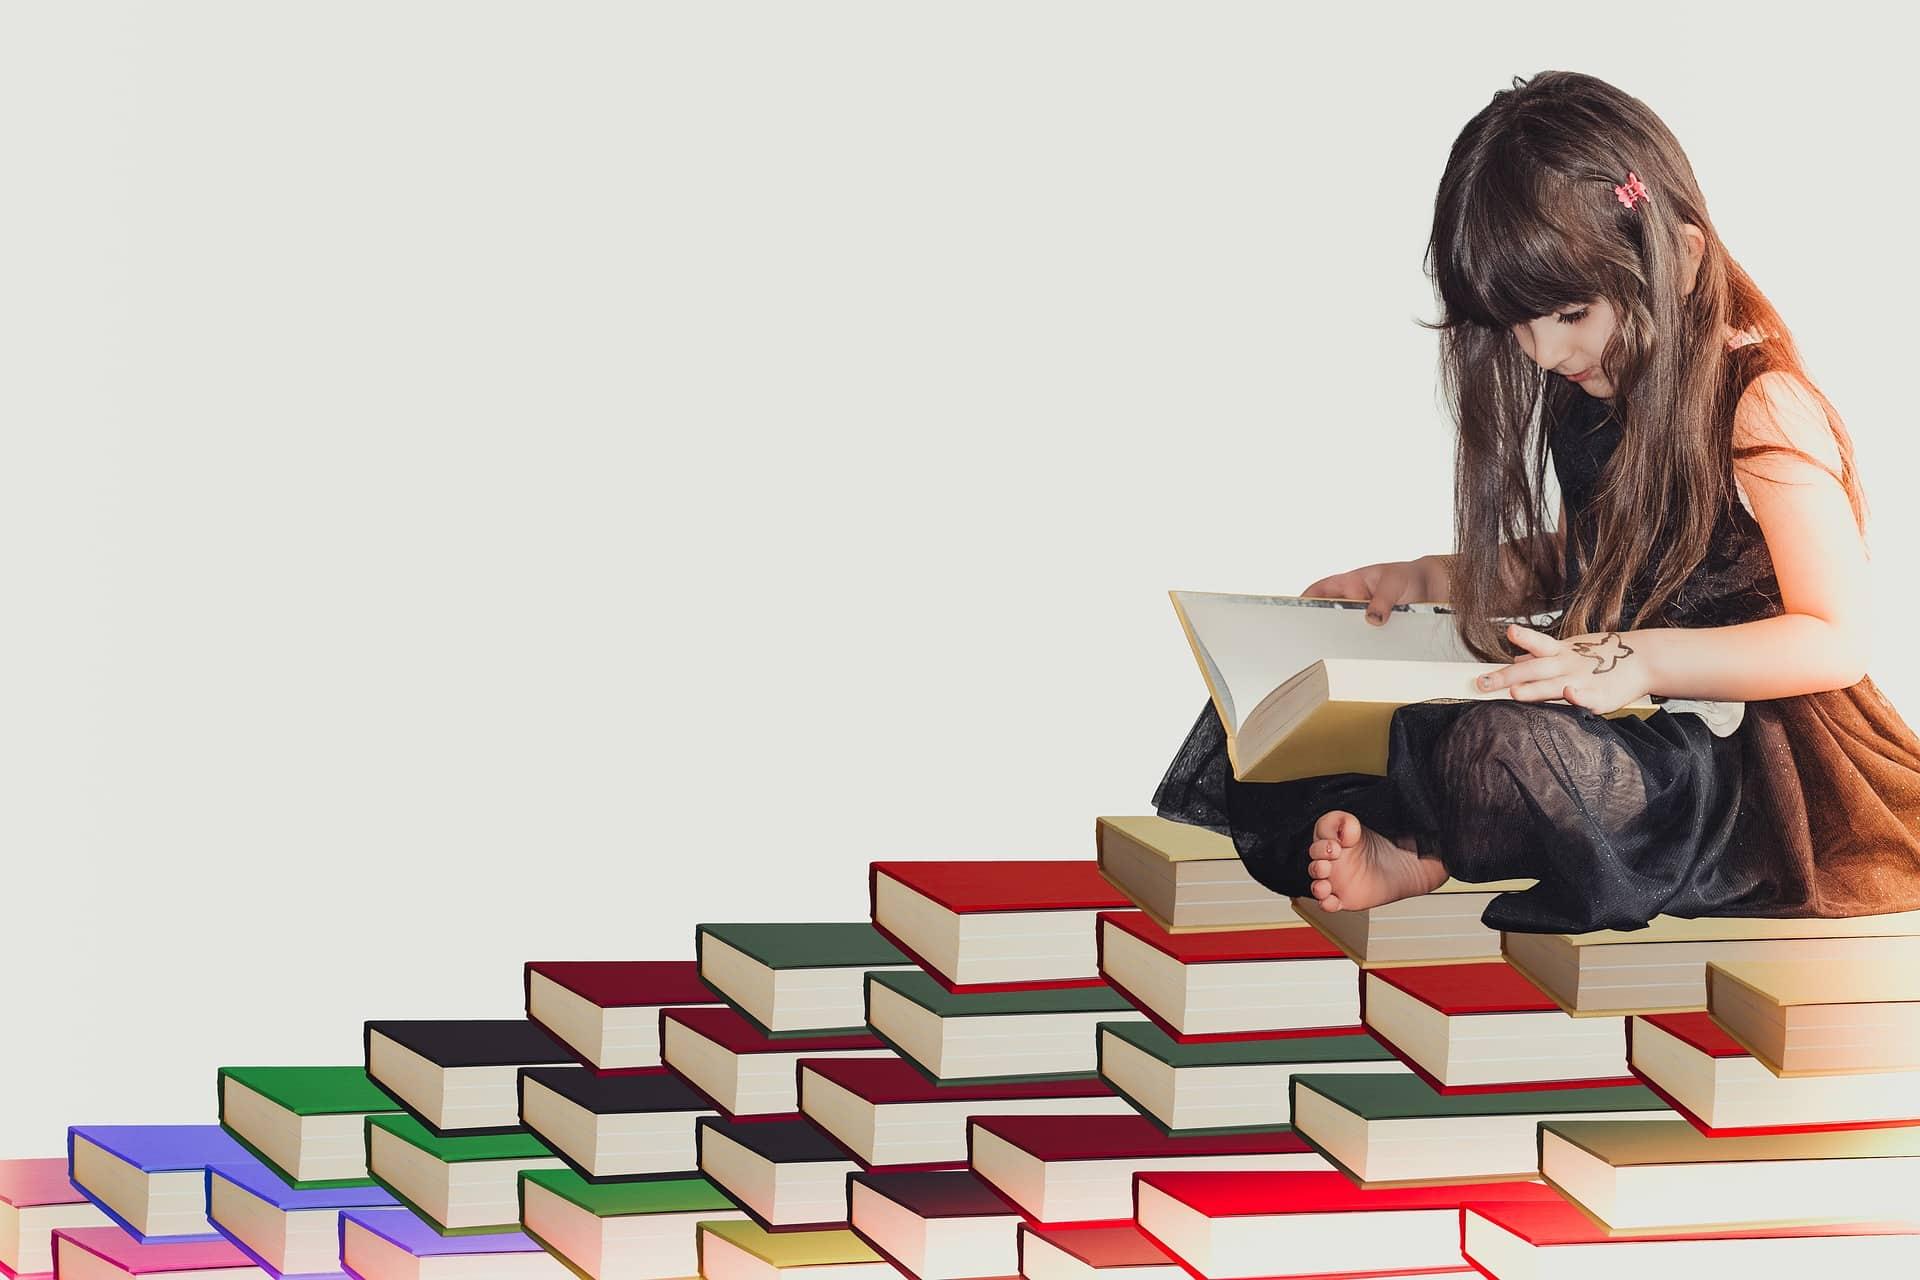 Disleksisi olan kız